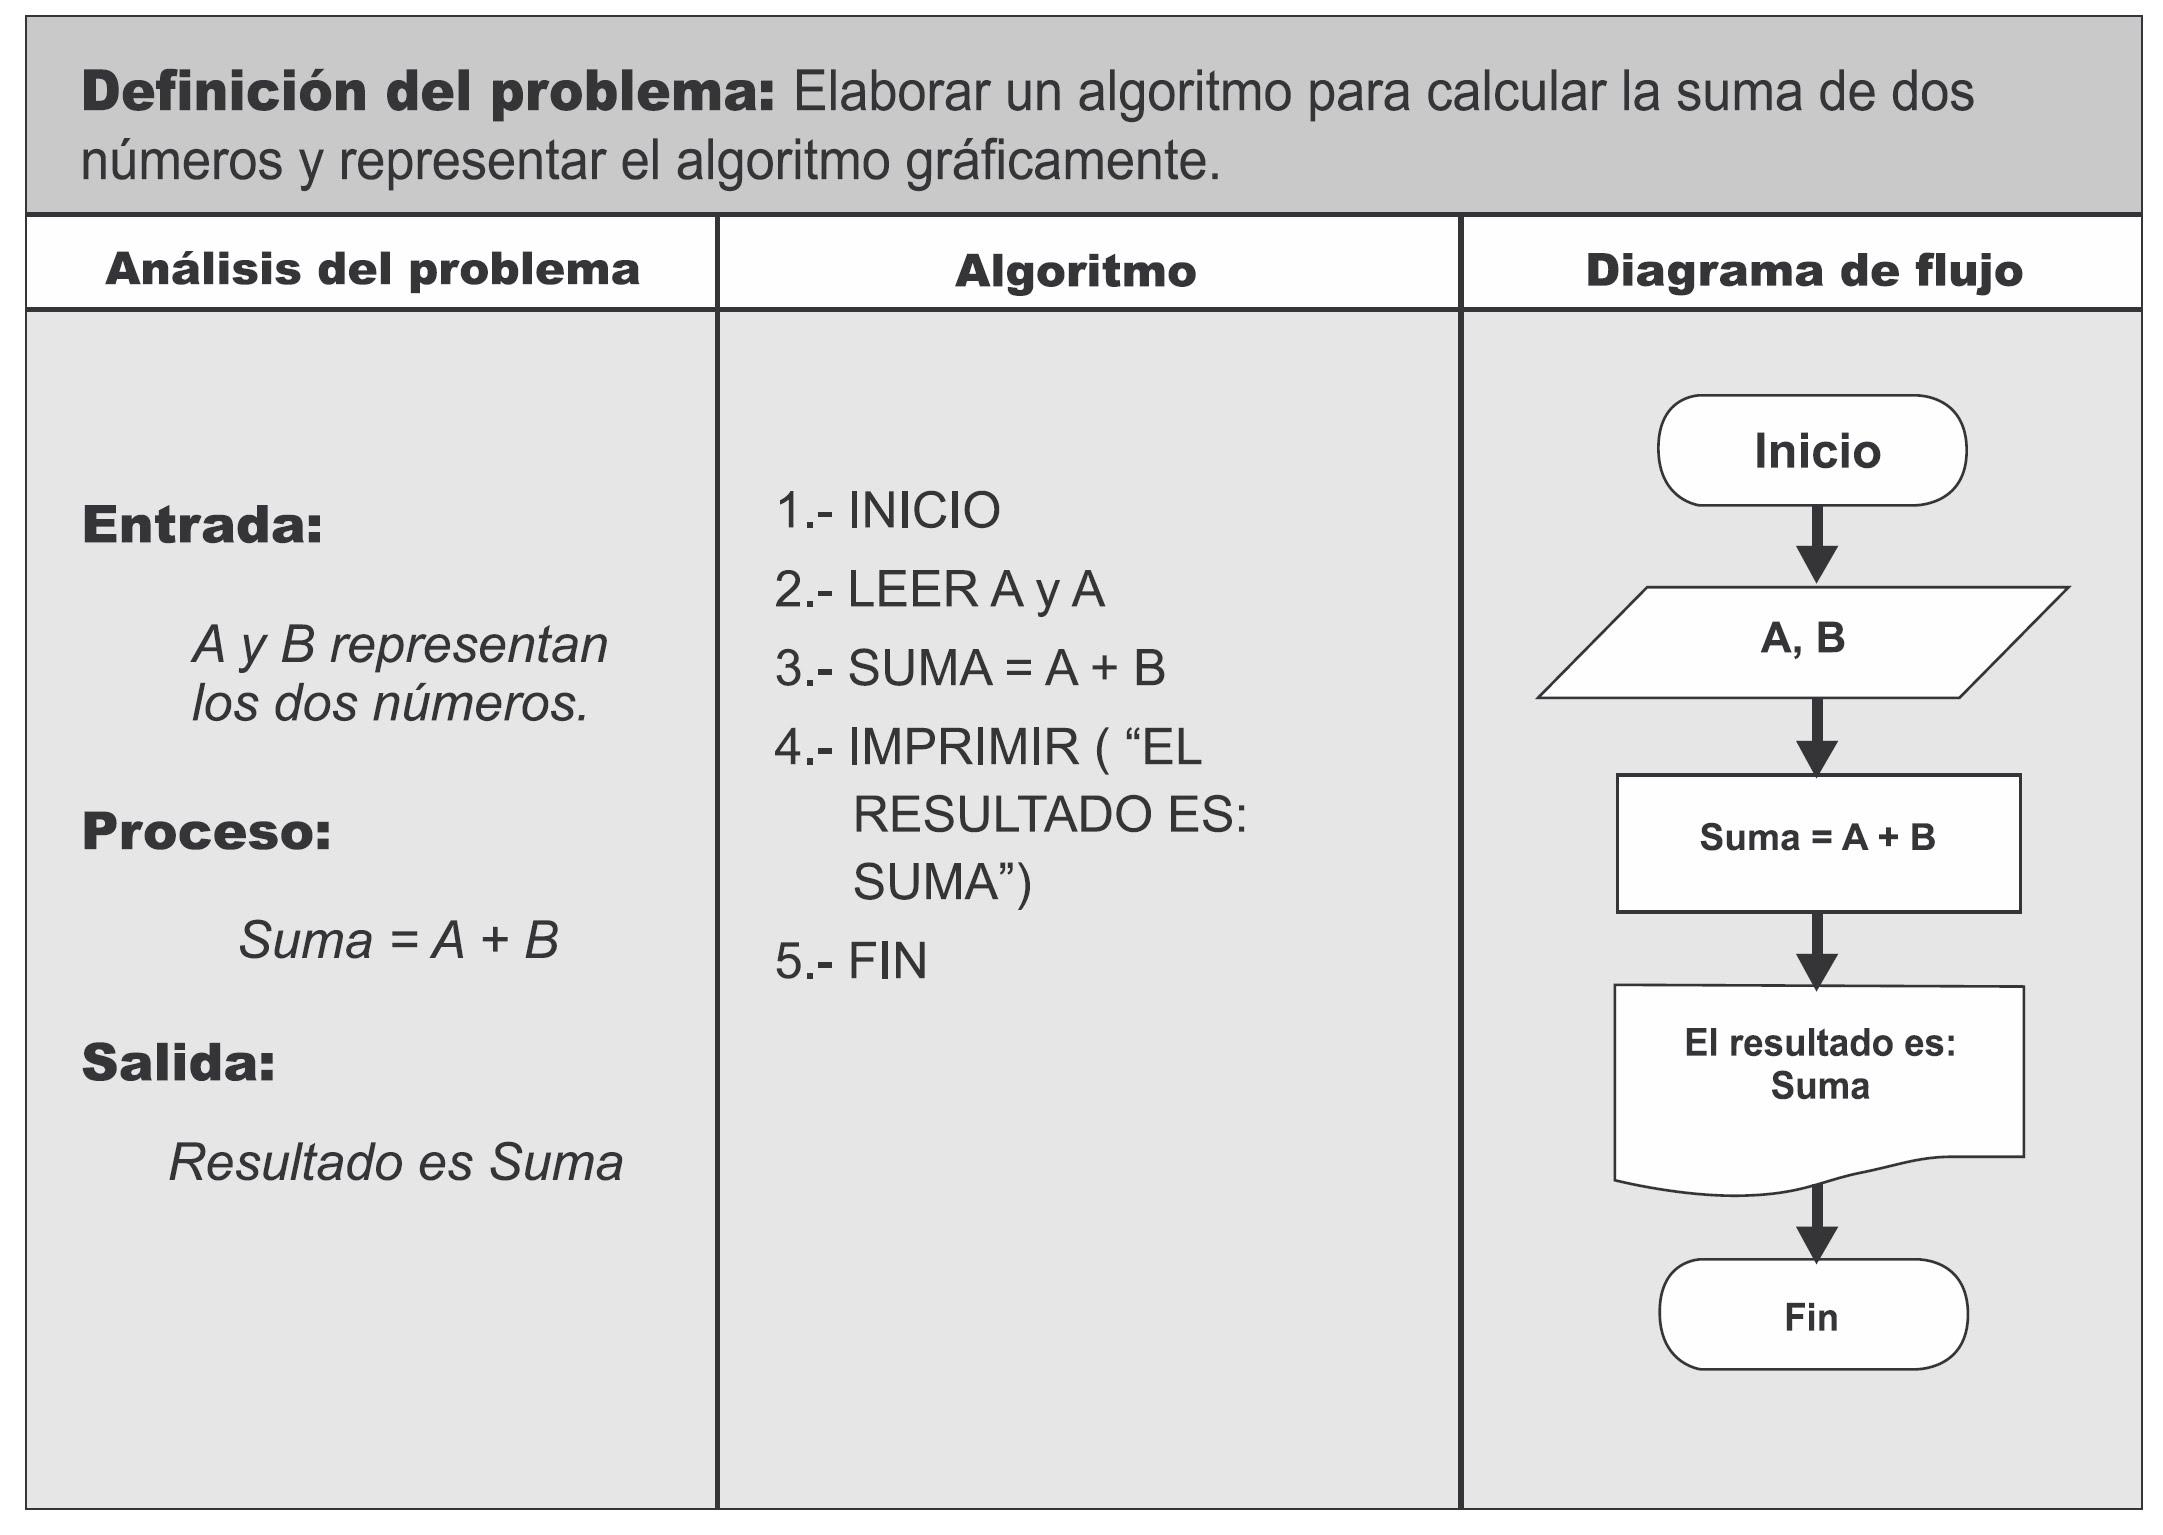 Bloque i informatica2 ejemplos de diagramas de flujo ccuart Gallery